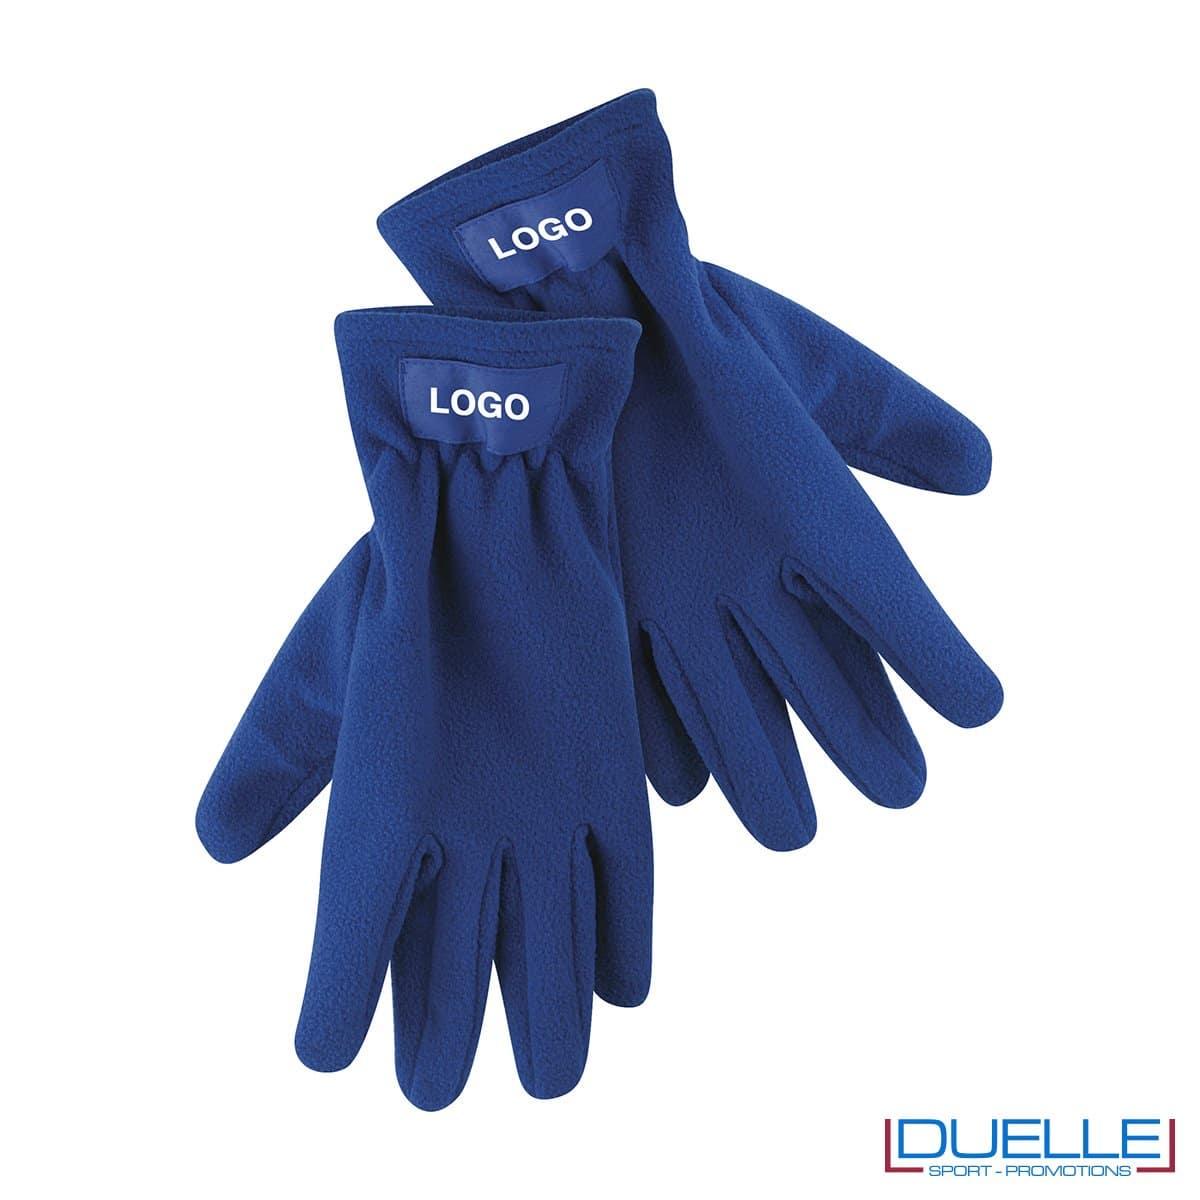 guanti in pile personalizzati in colore blu royal, guanti invernali personalizzati